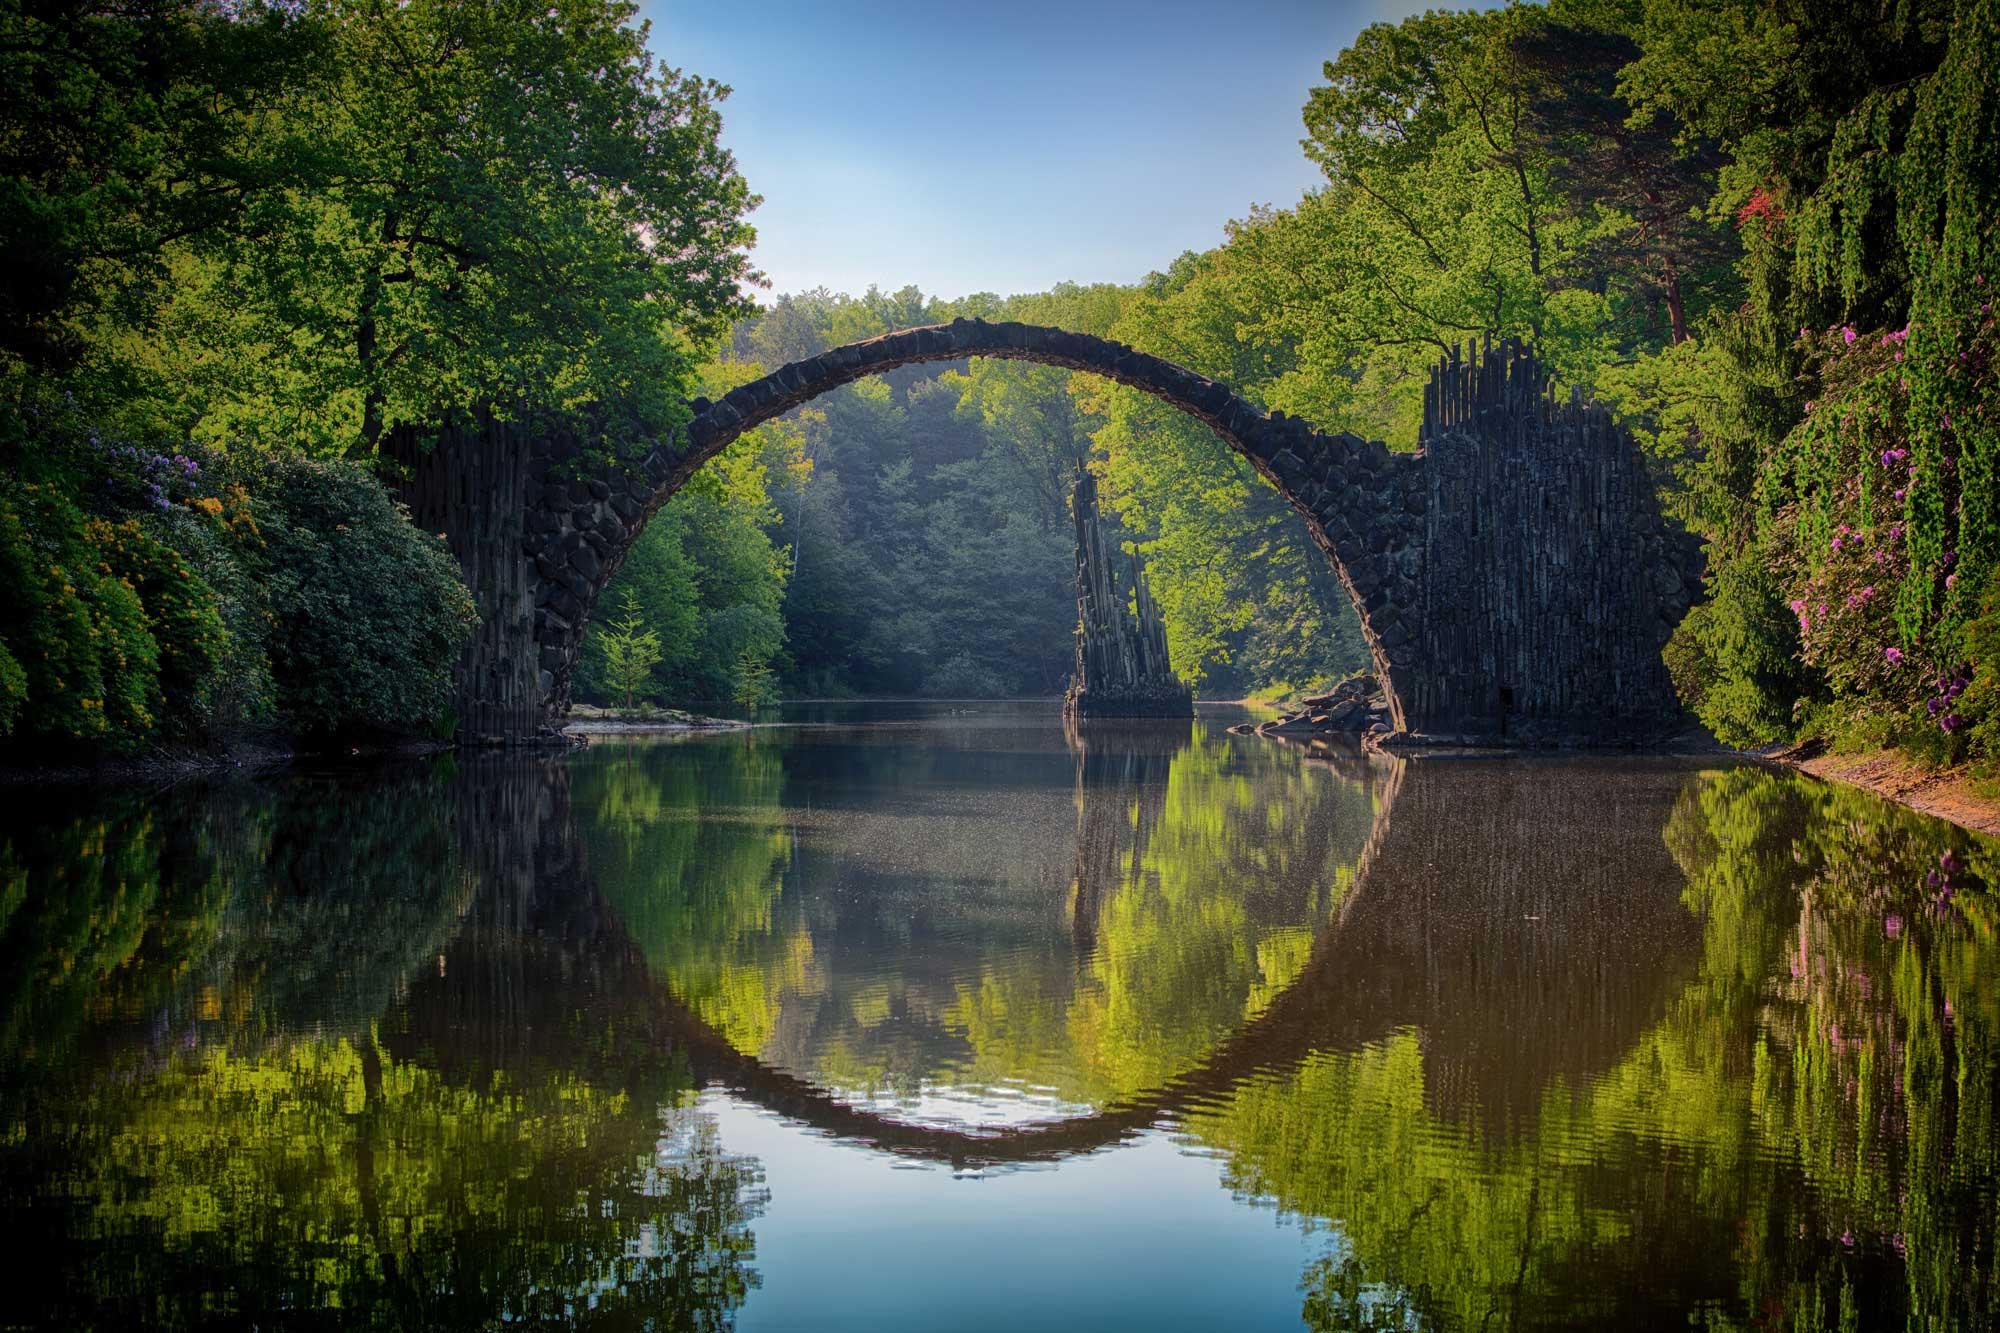 gray-bridge-and-trees-814499